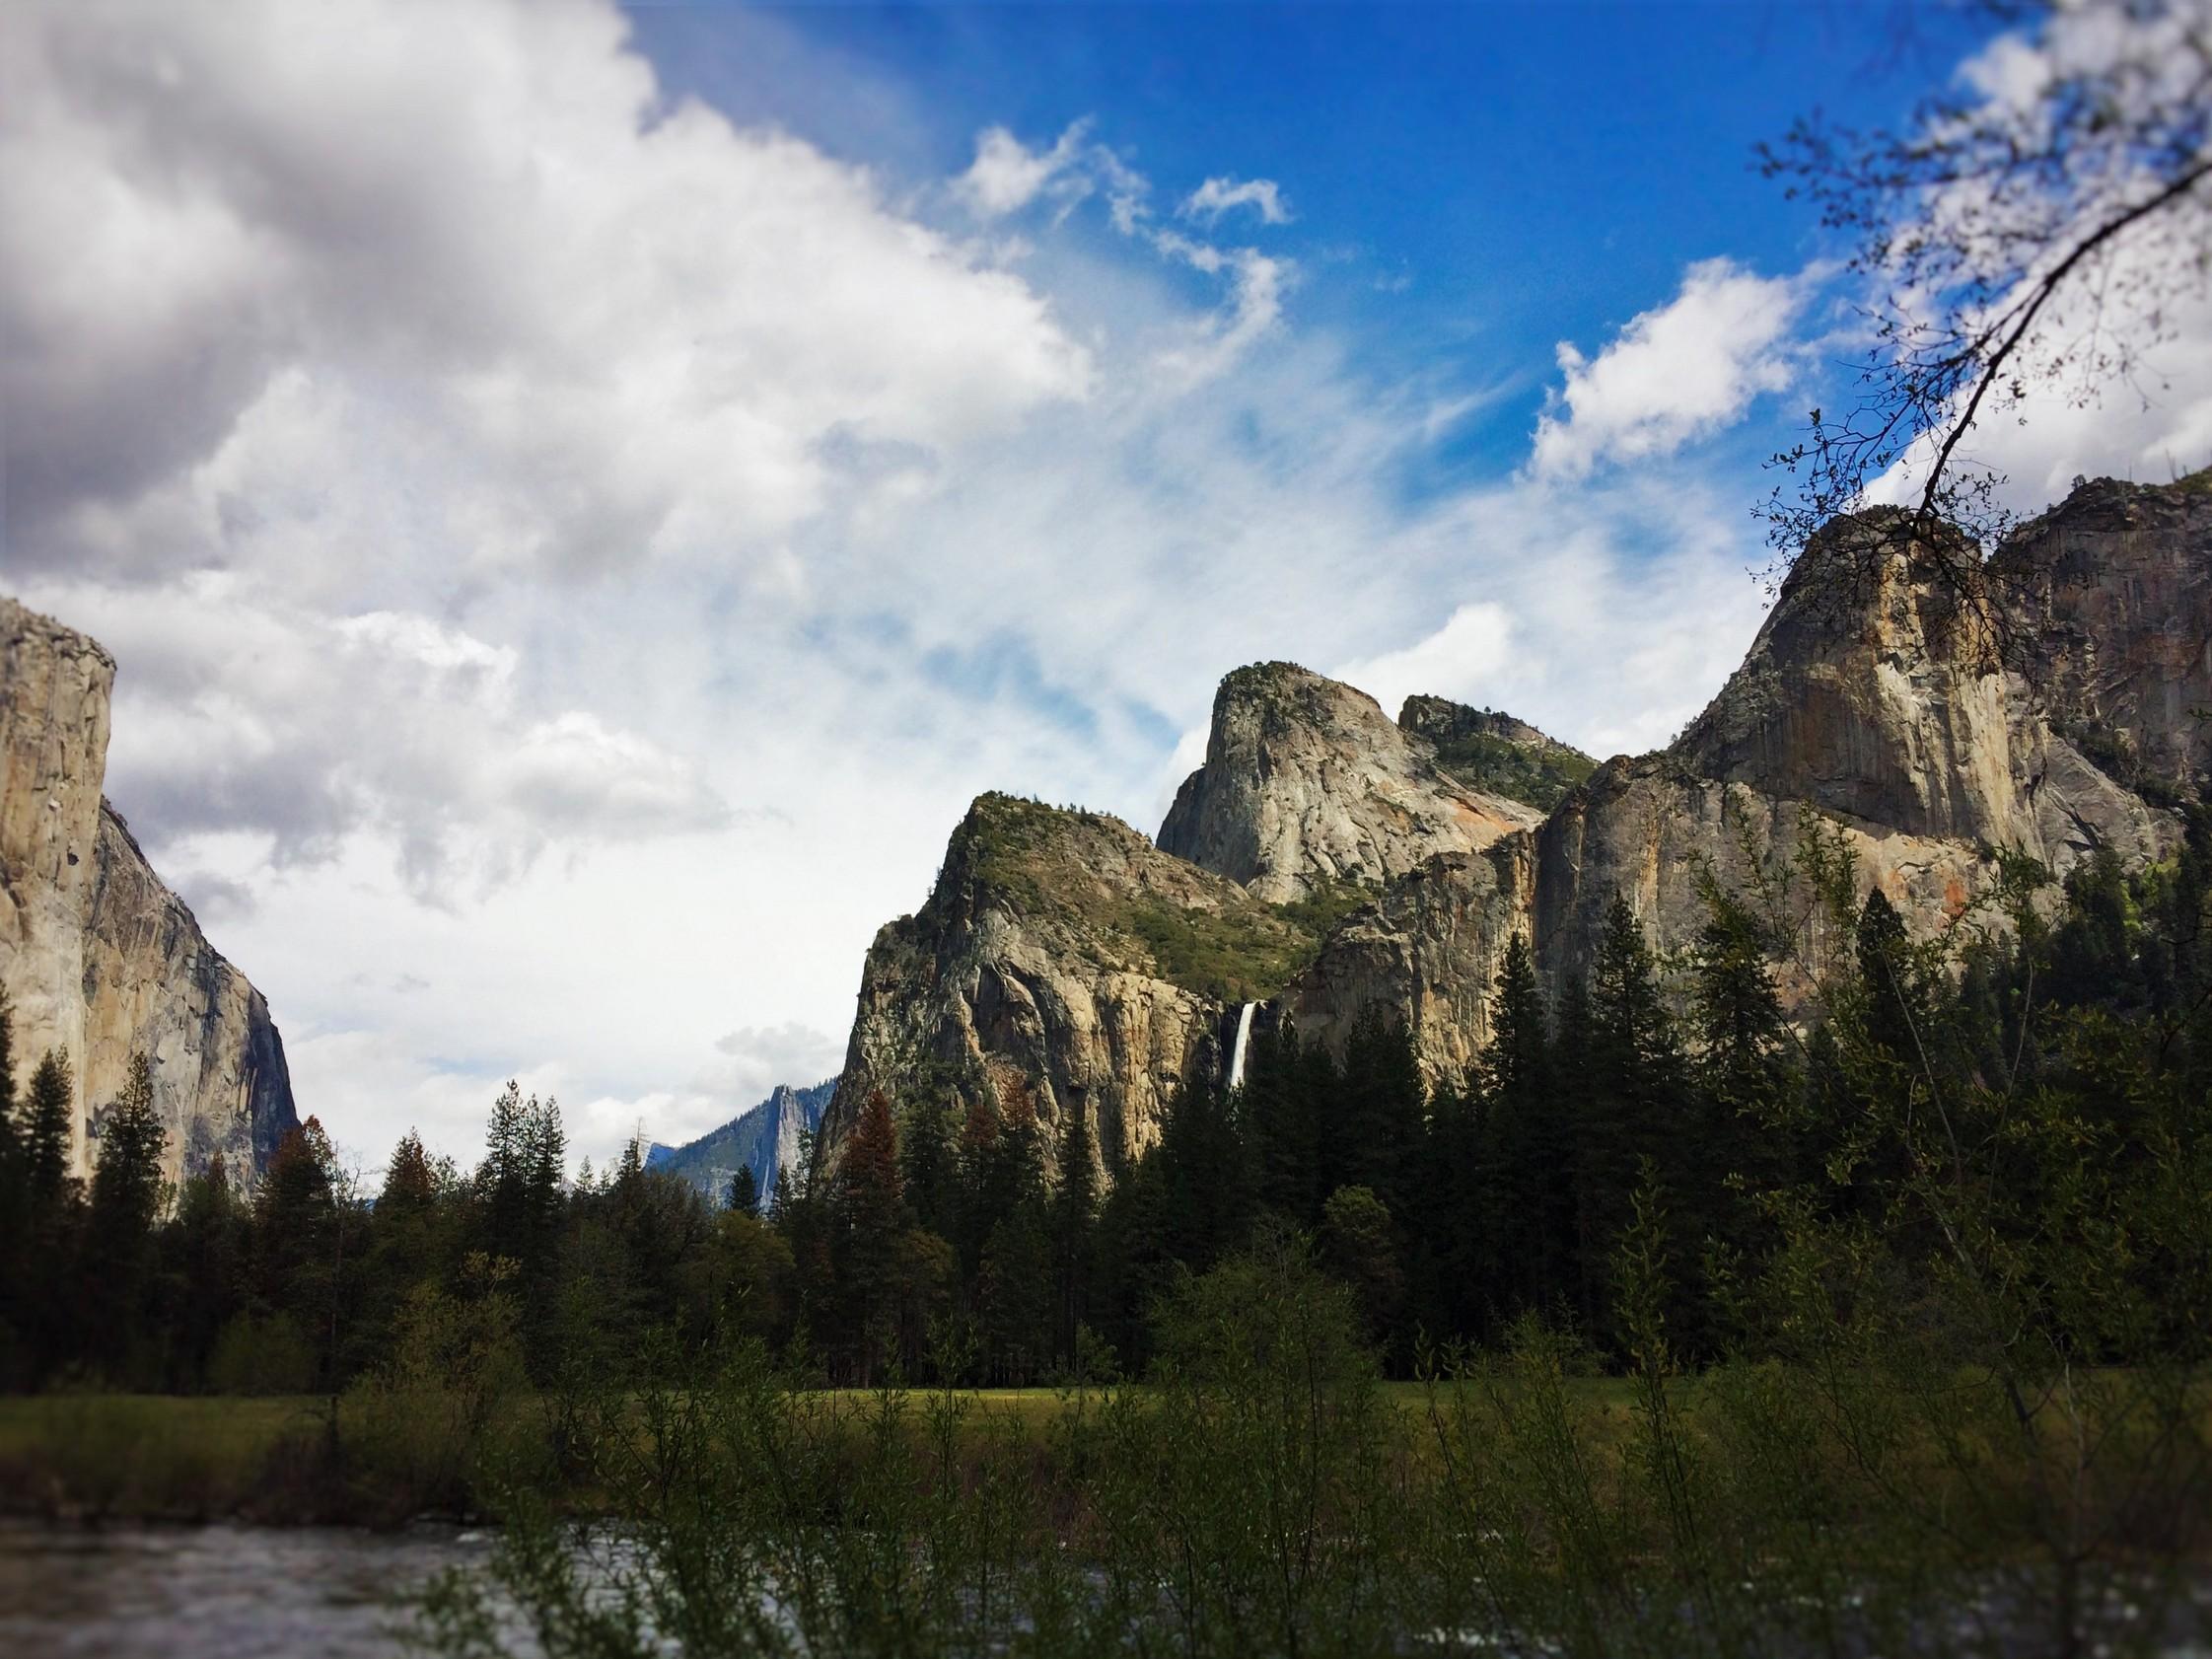 Granite Peaks in Yosemite Valley from tram tour of Yosemite Valley Floor in Yosemite National Park 1